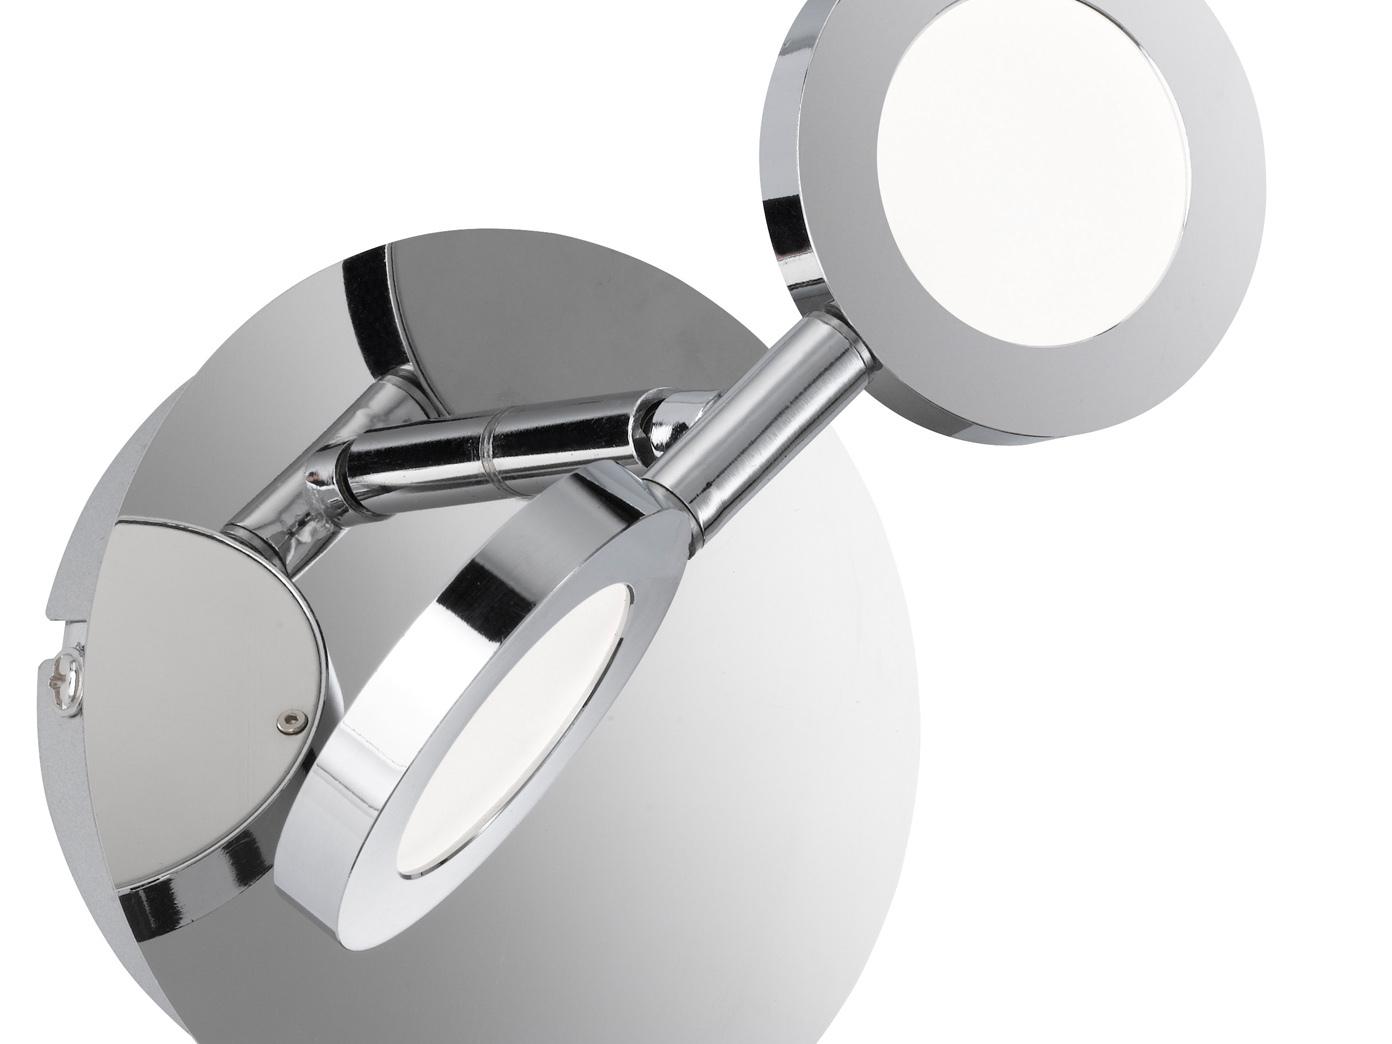 Wandleuchte Wandspot LED Spot CAREY 2er Set LED Wandlampe mit Schalter Chrom